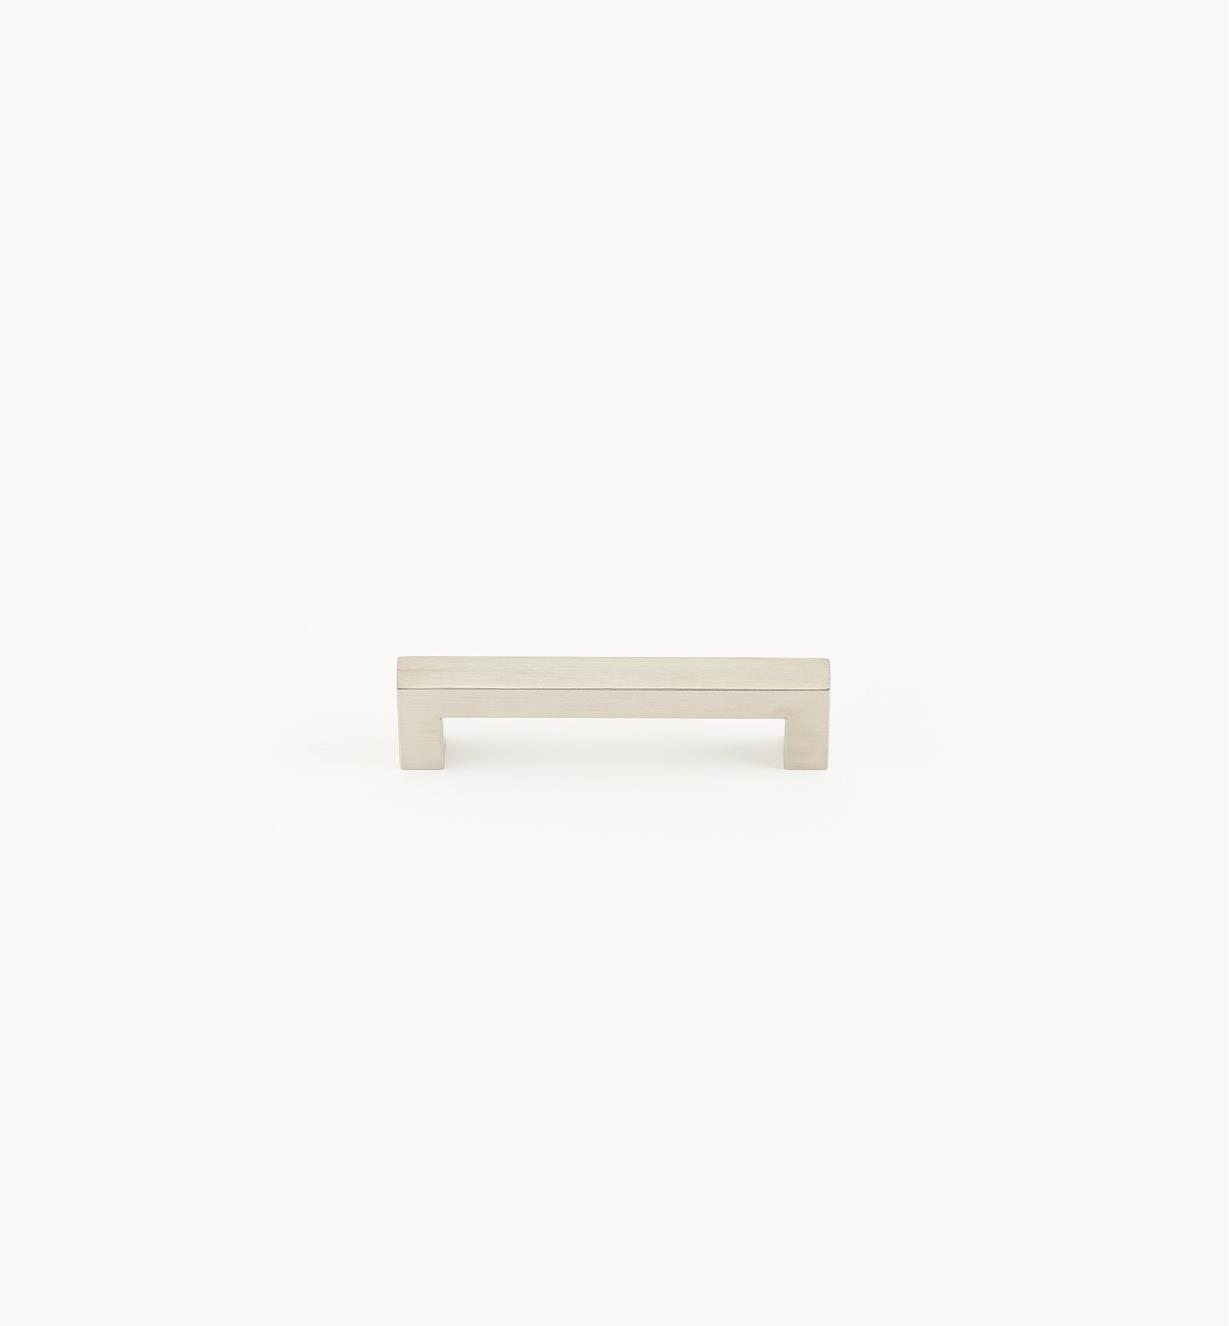 01W8012 - Poignée-tube carrée en acier inoxydable, 128mm